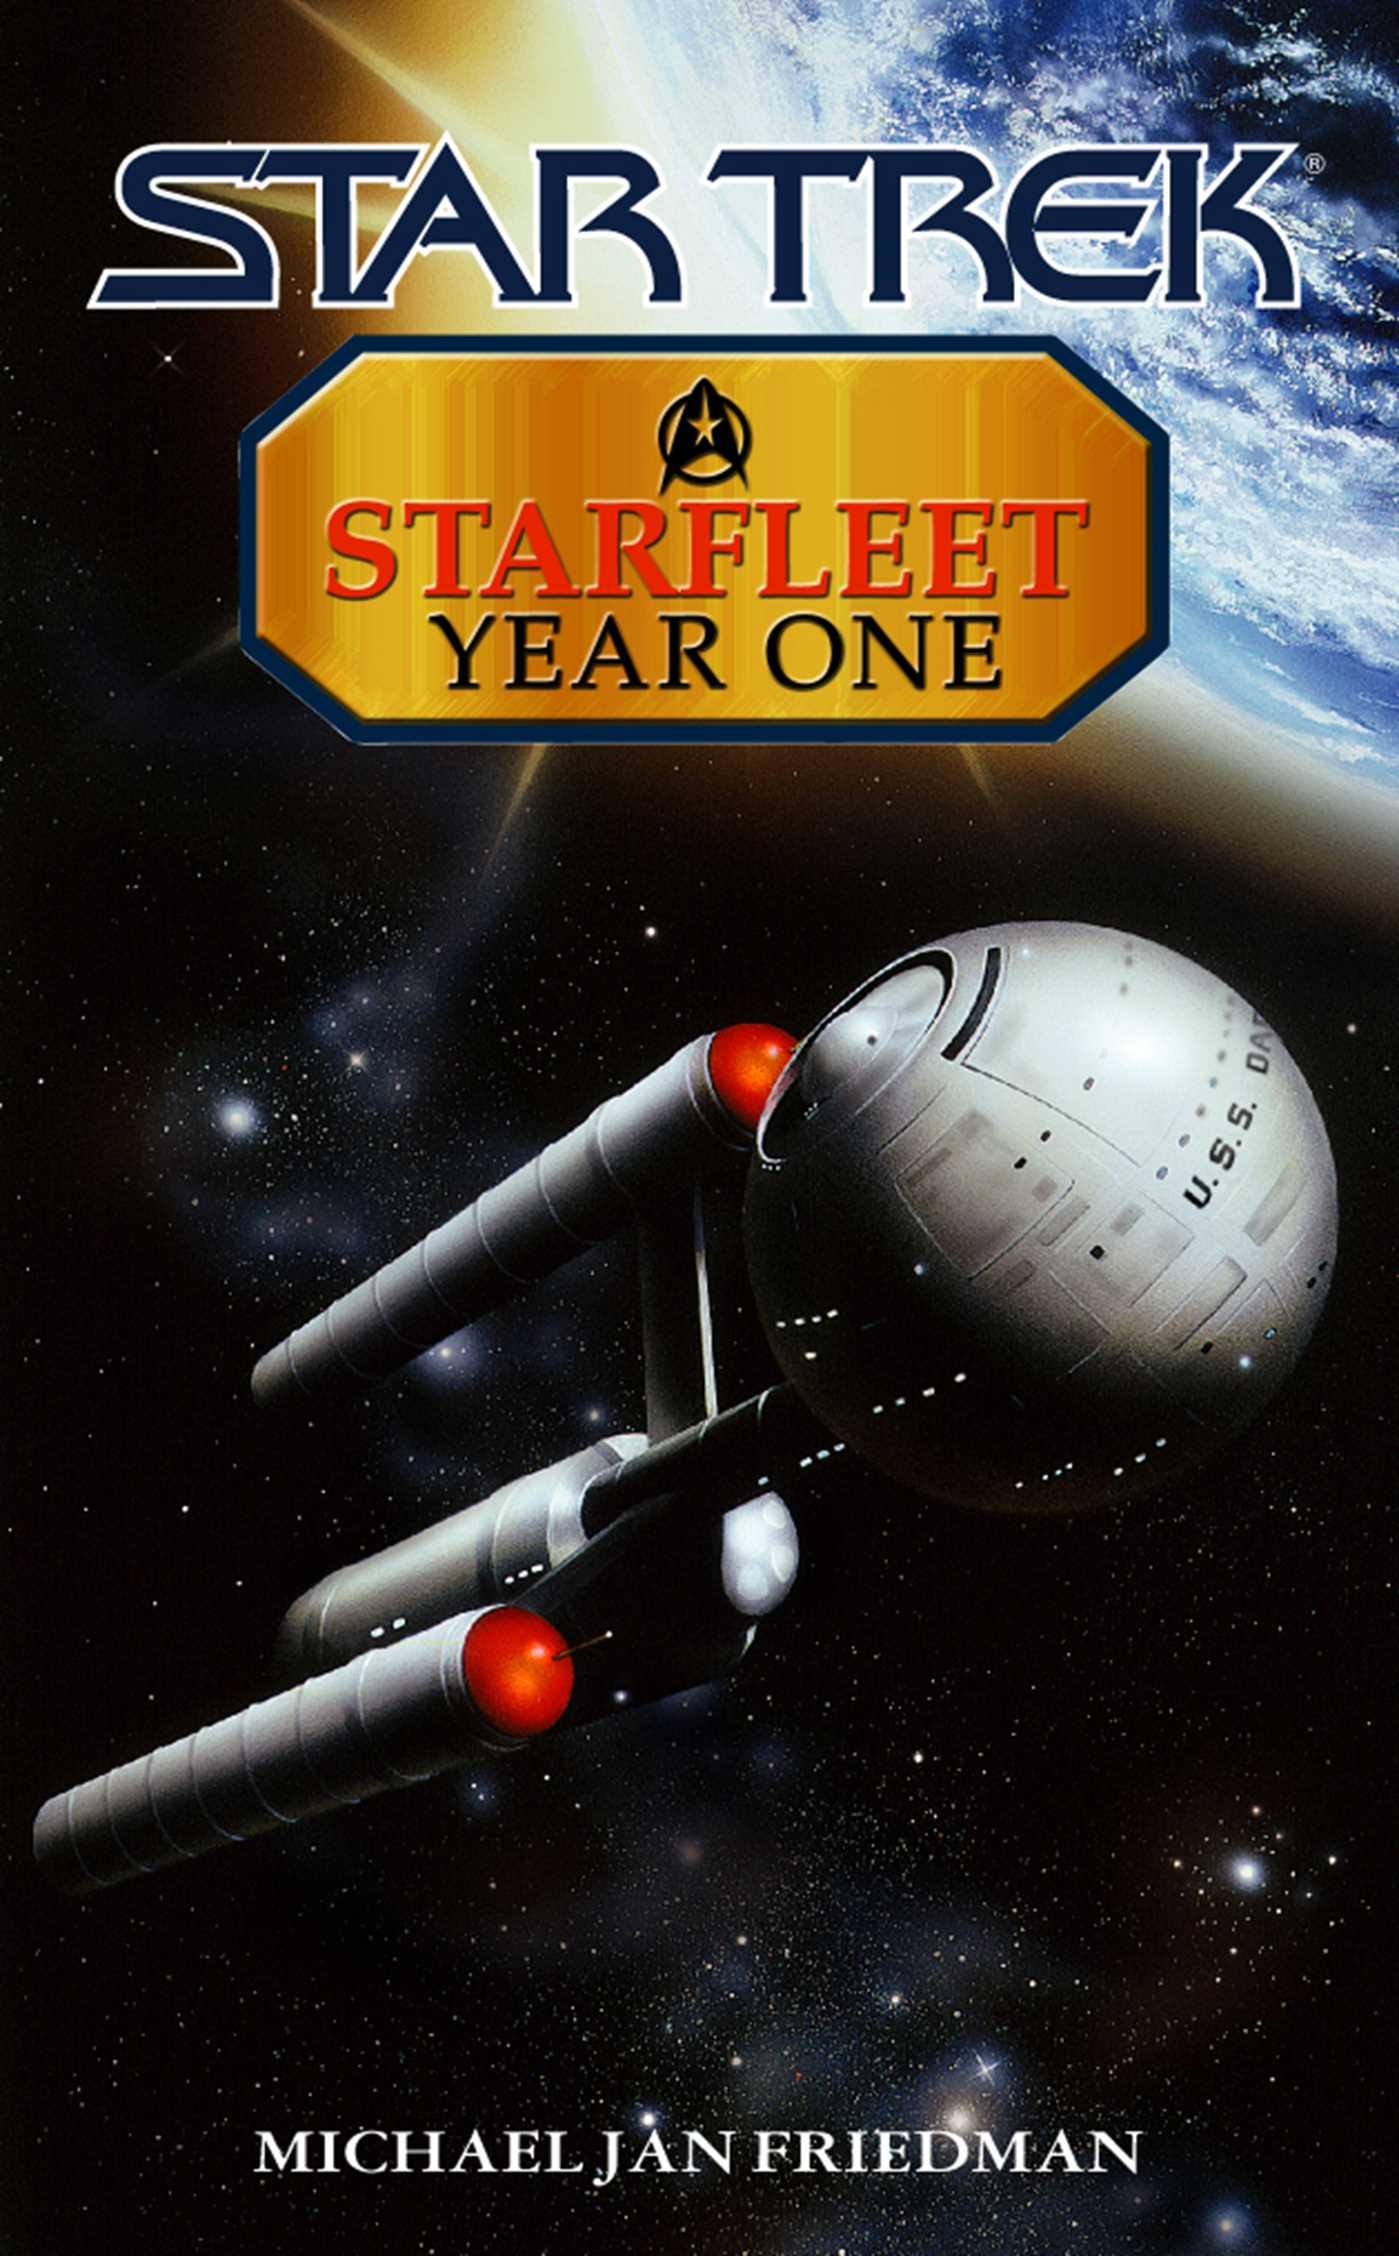 Starfleet year one 9780743437899 hr